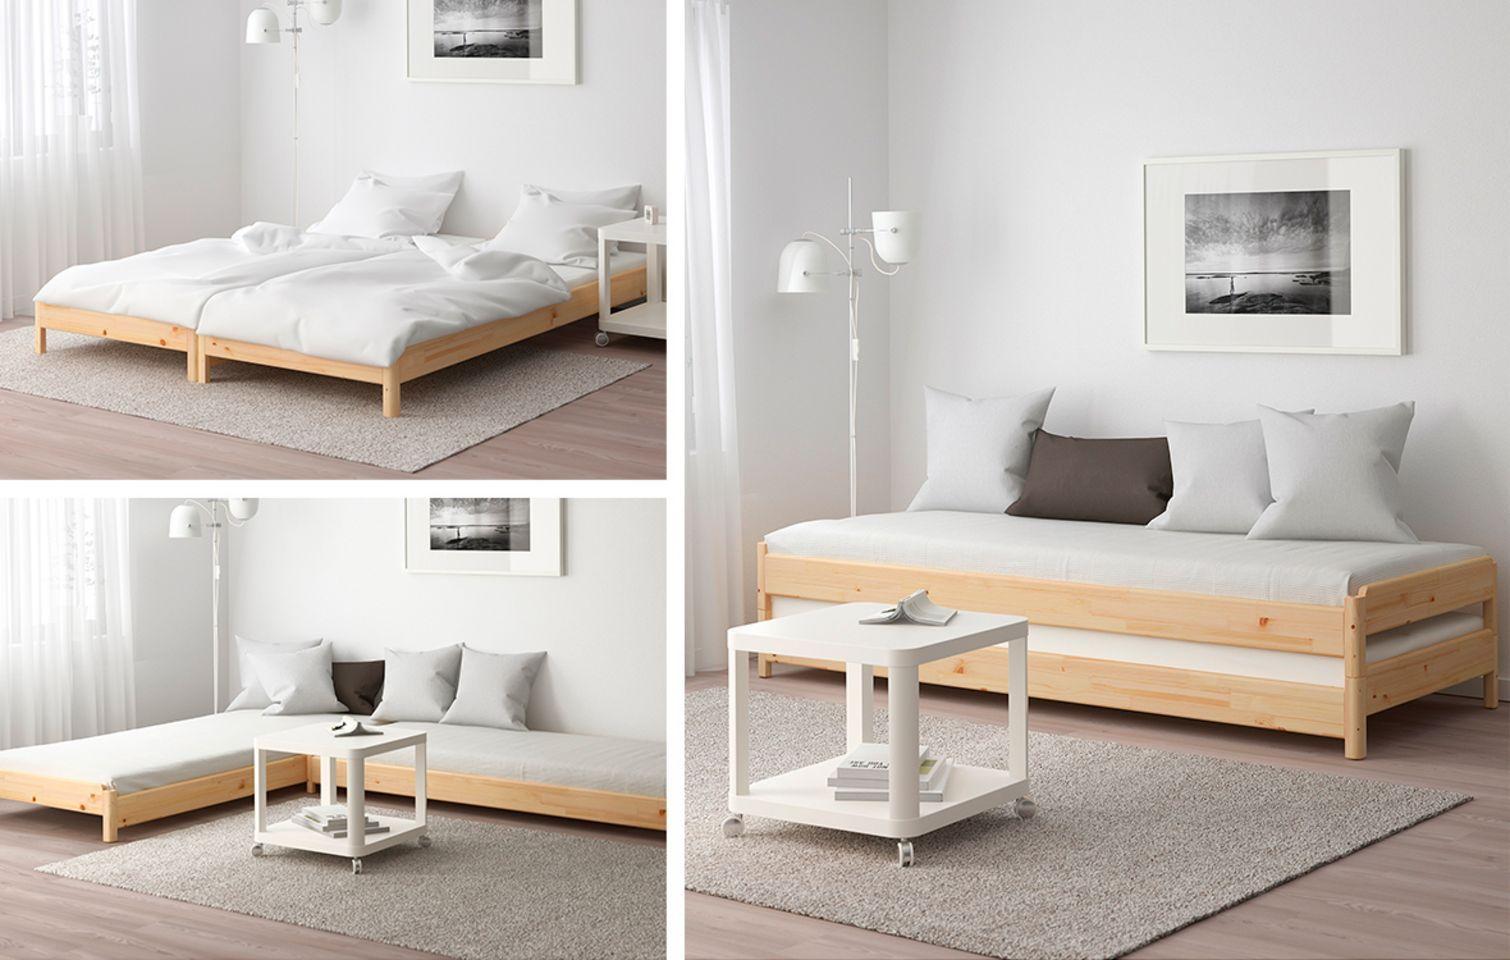 Multifunktionelle og pladsbesparende møbler til små